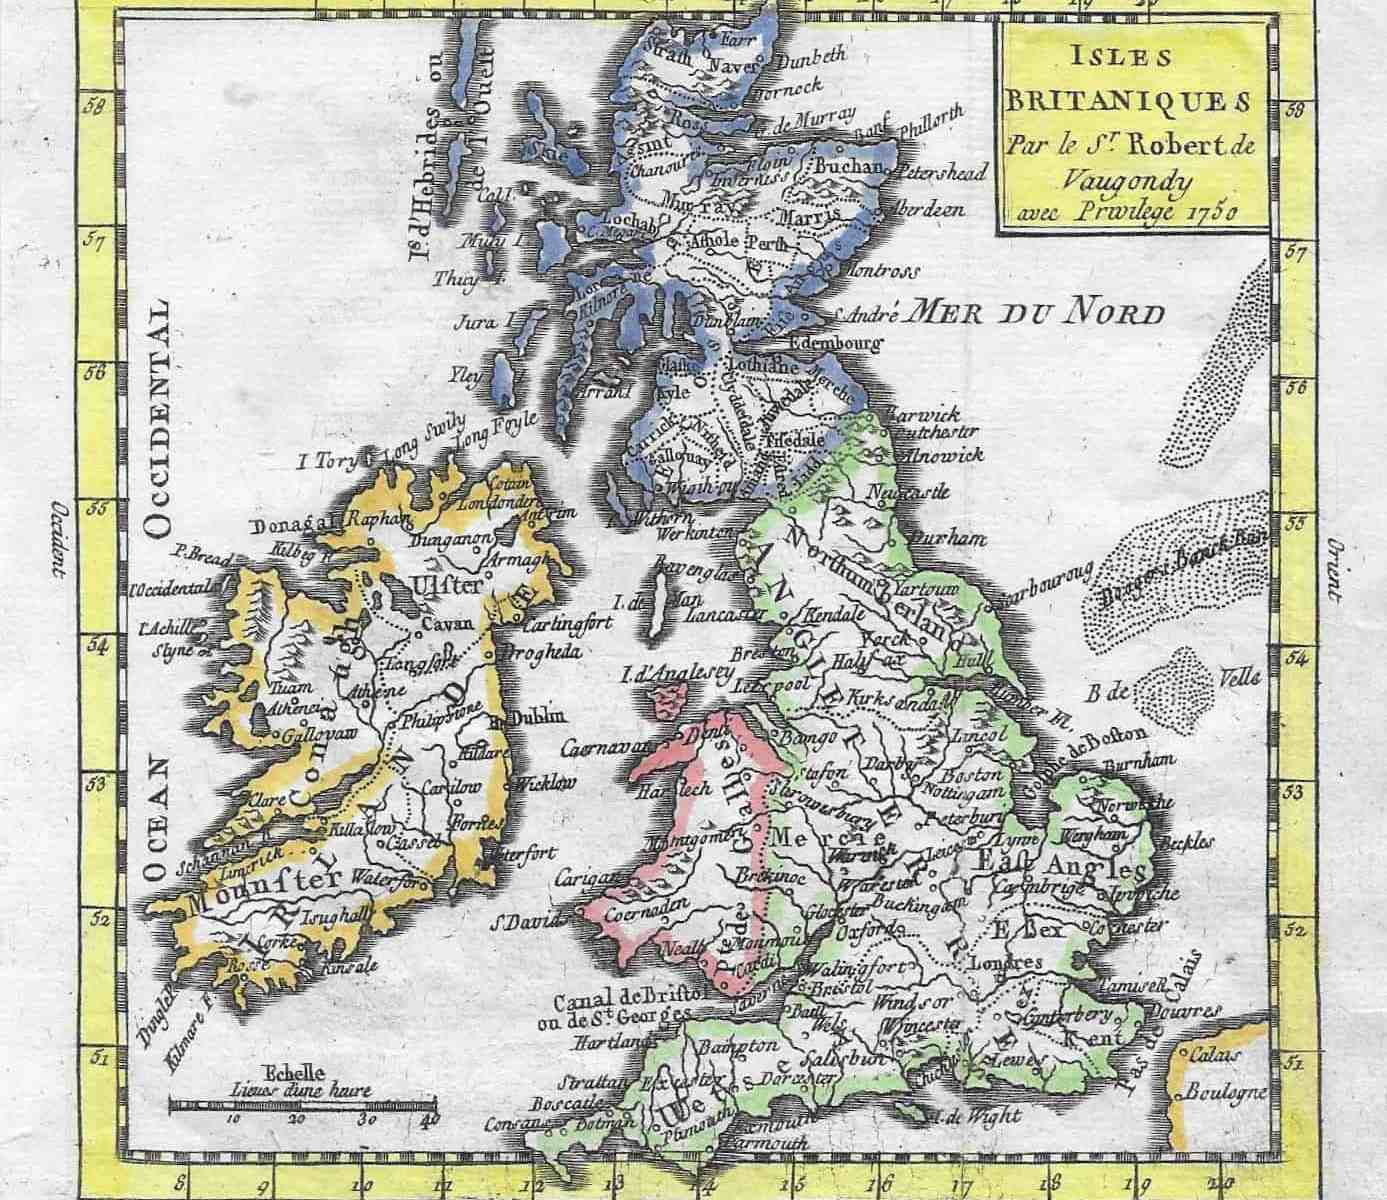 3516 British Isles 1781